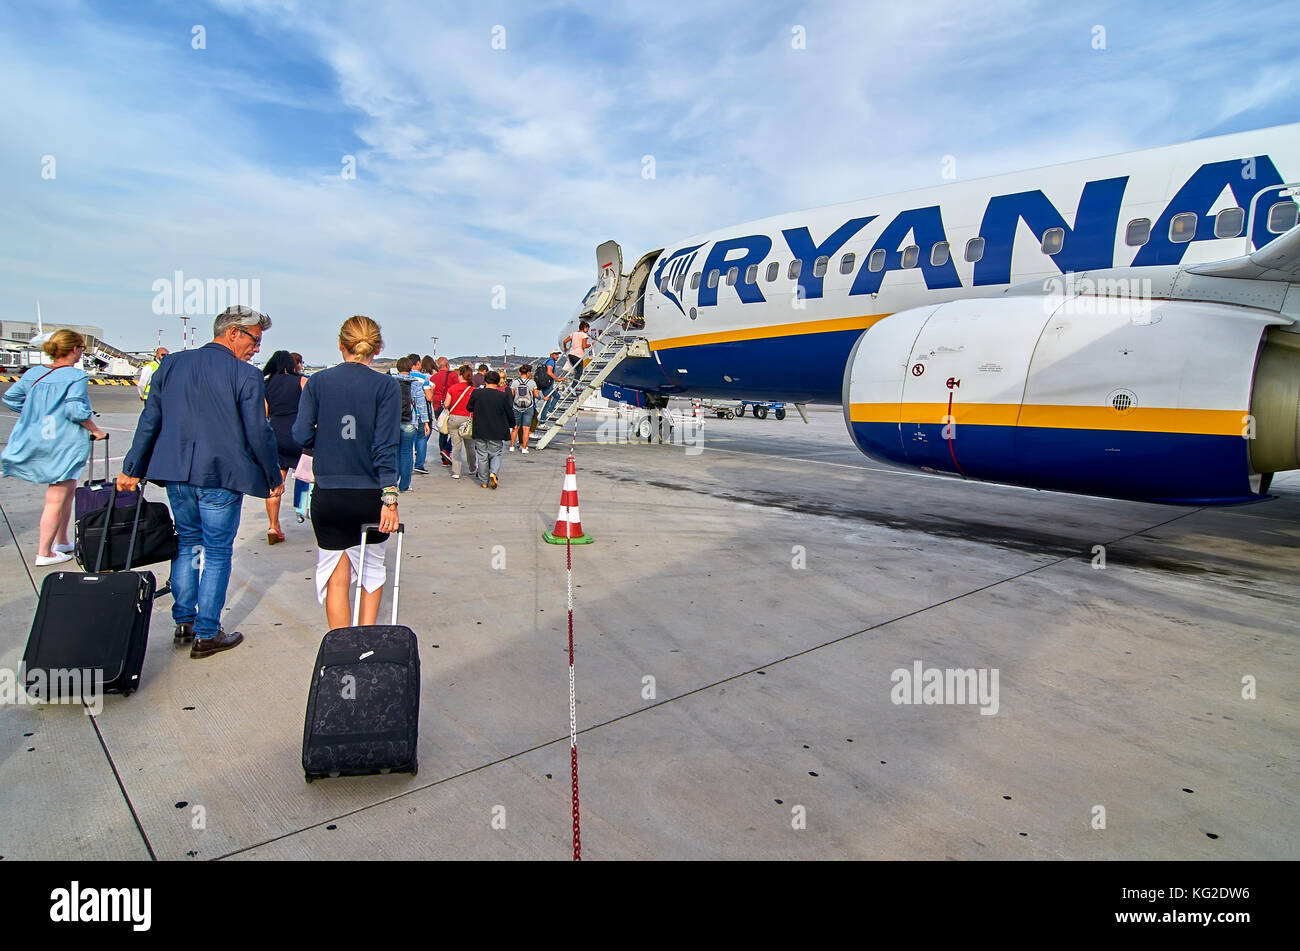 people-boarding-ryanair-plane-KG2DW6.jpg